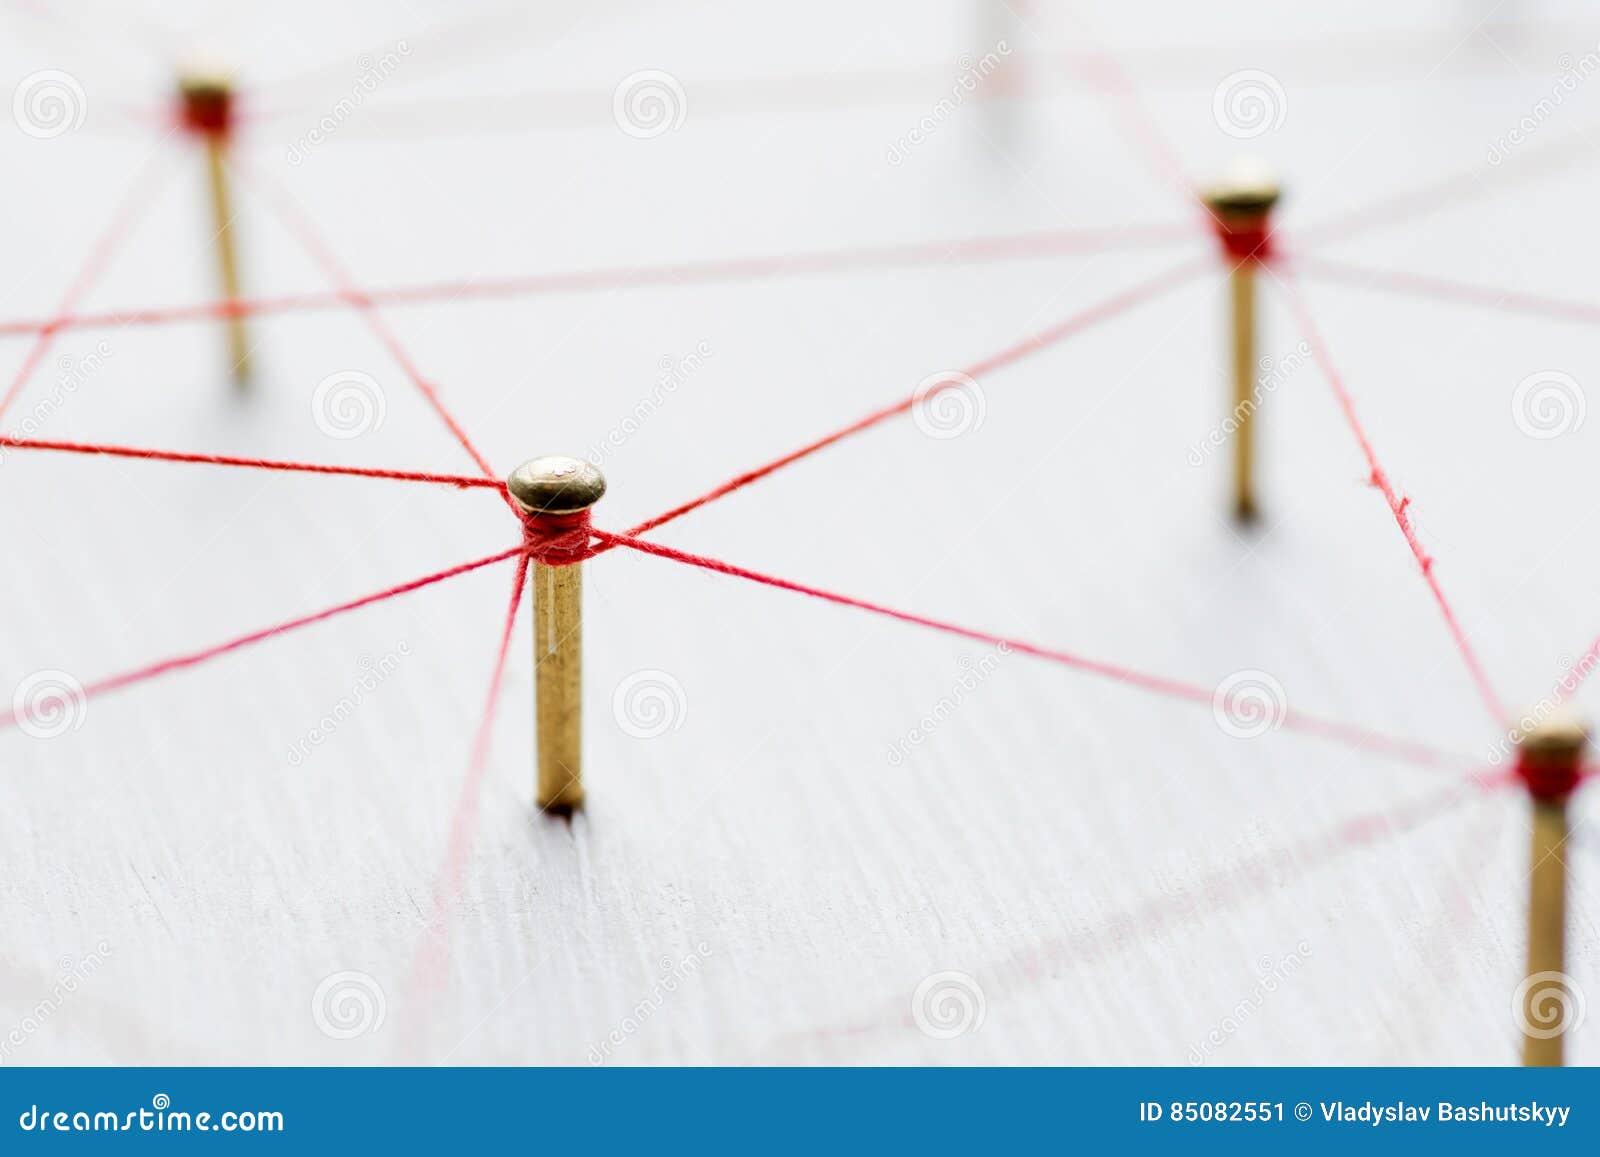 Enchaînement des entités Réseau, mise en réseau, media social, connectivité, abrégé sur communication d Internet Web de fil mince